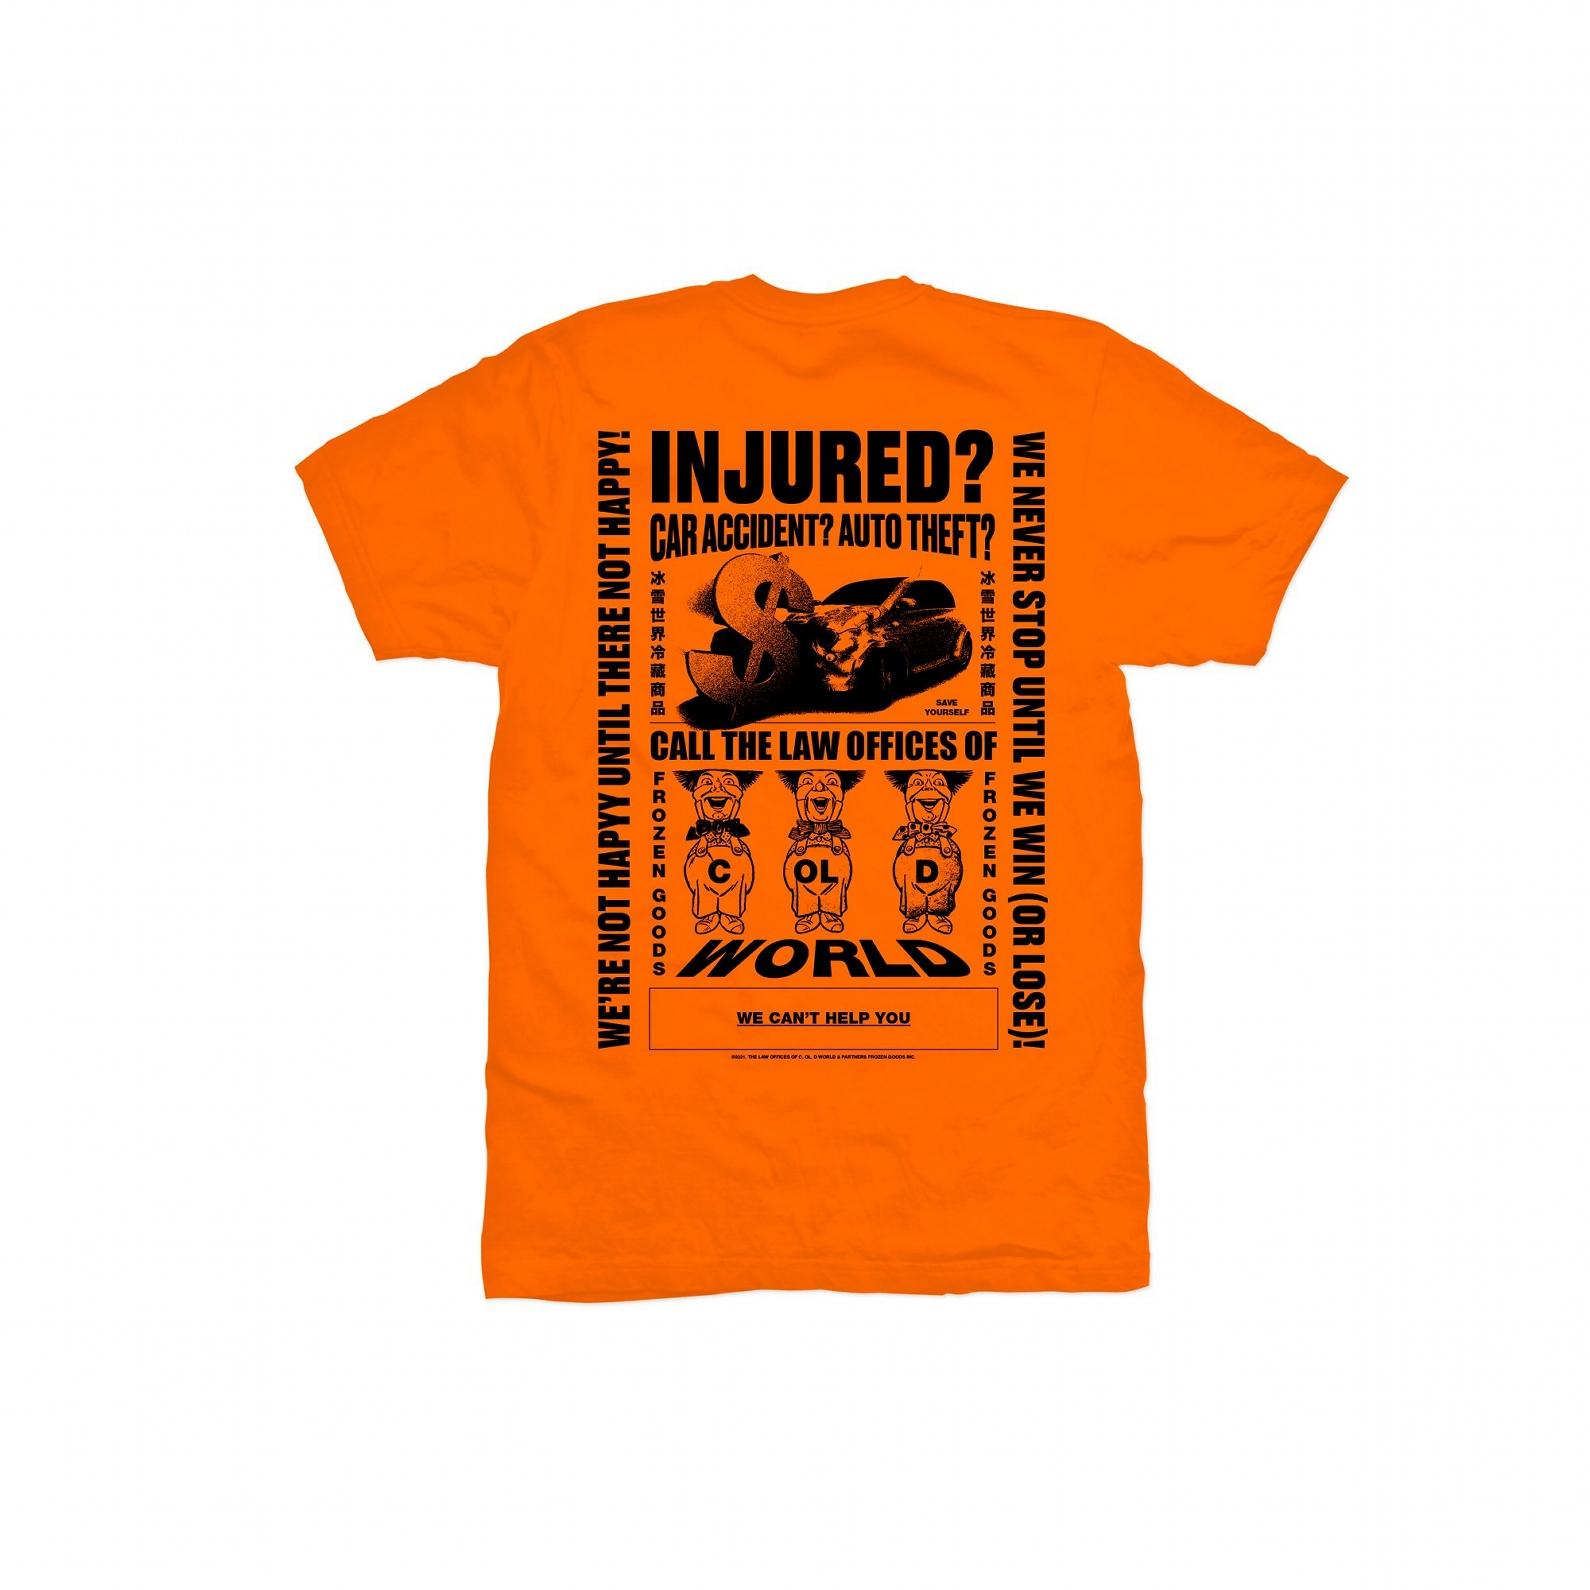 【COLD WORLD FROZEN GOODS/コールドワールドフローズングッズ】PERSONAL INJURY T-SHIRT Tシャツ / ORANGE